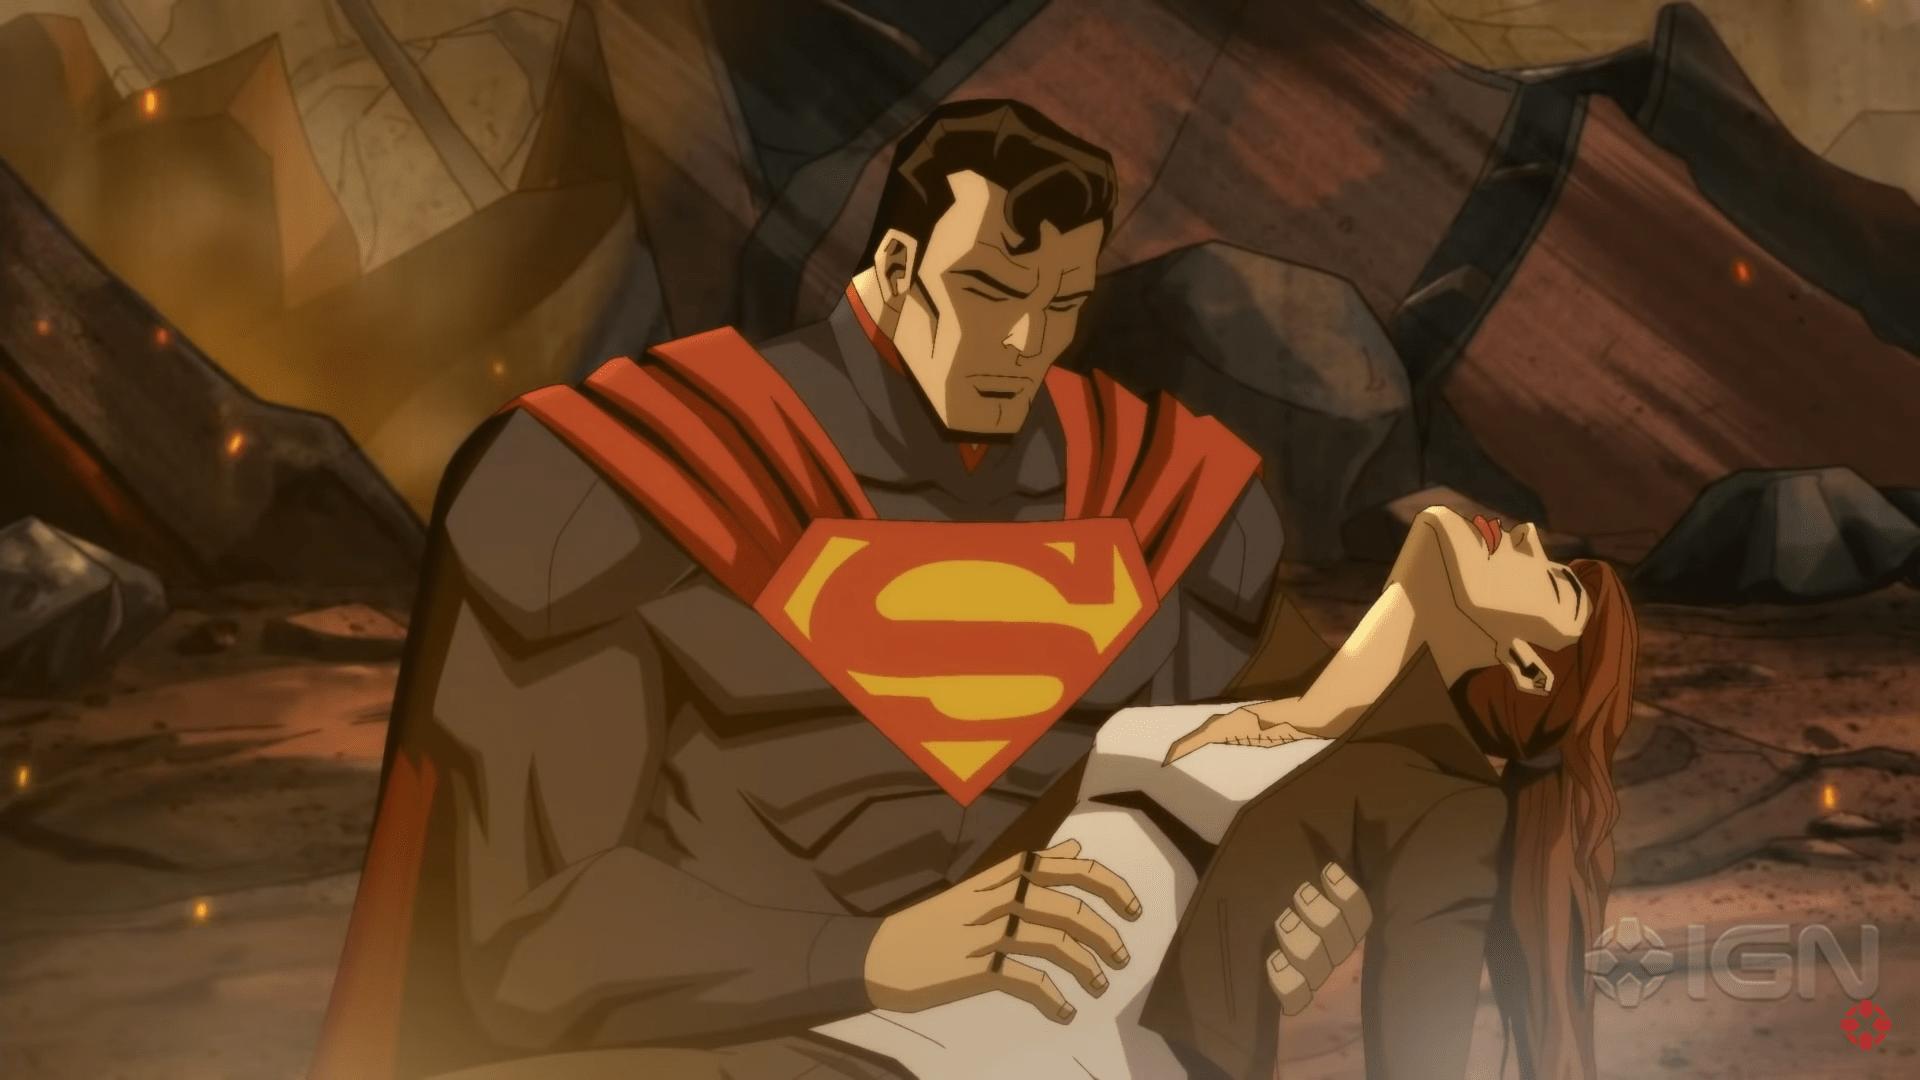 Вышел первый трейлер анимационной экранизации Injustice